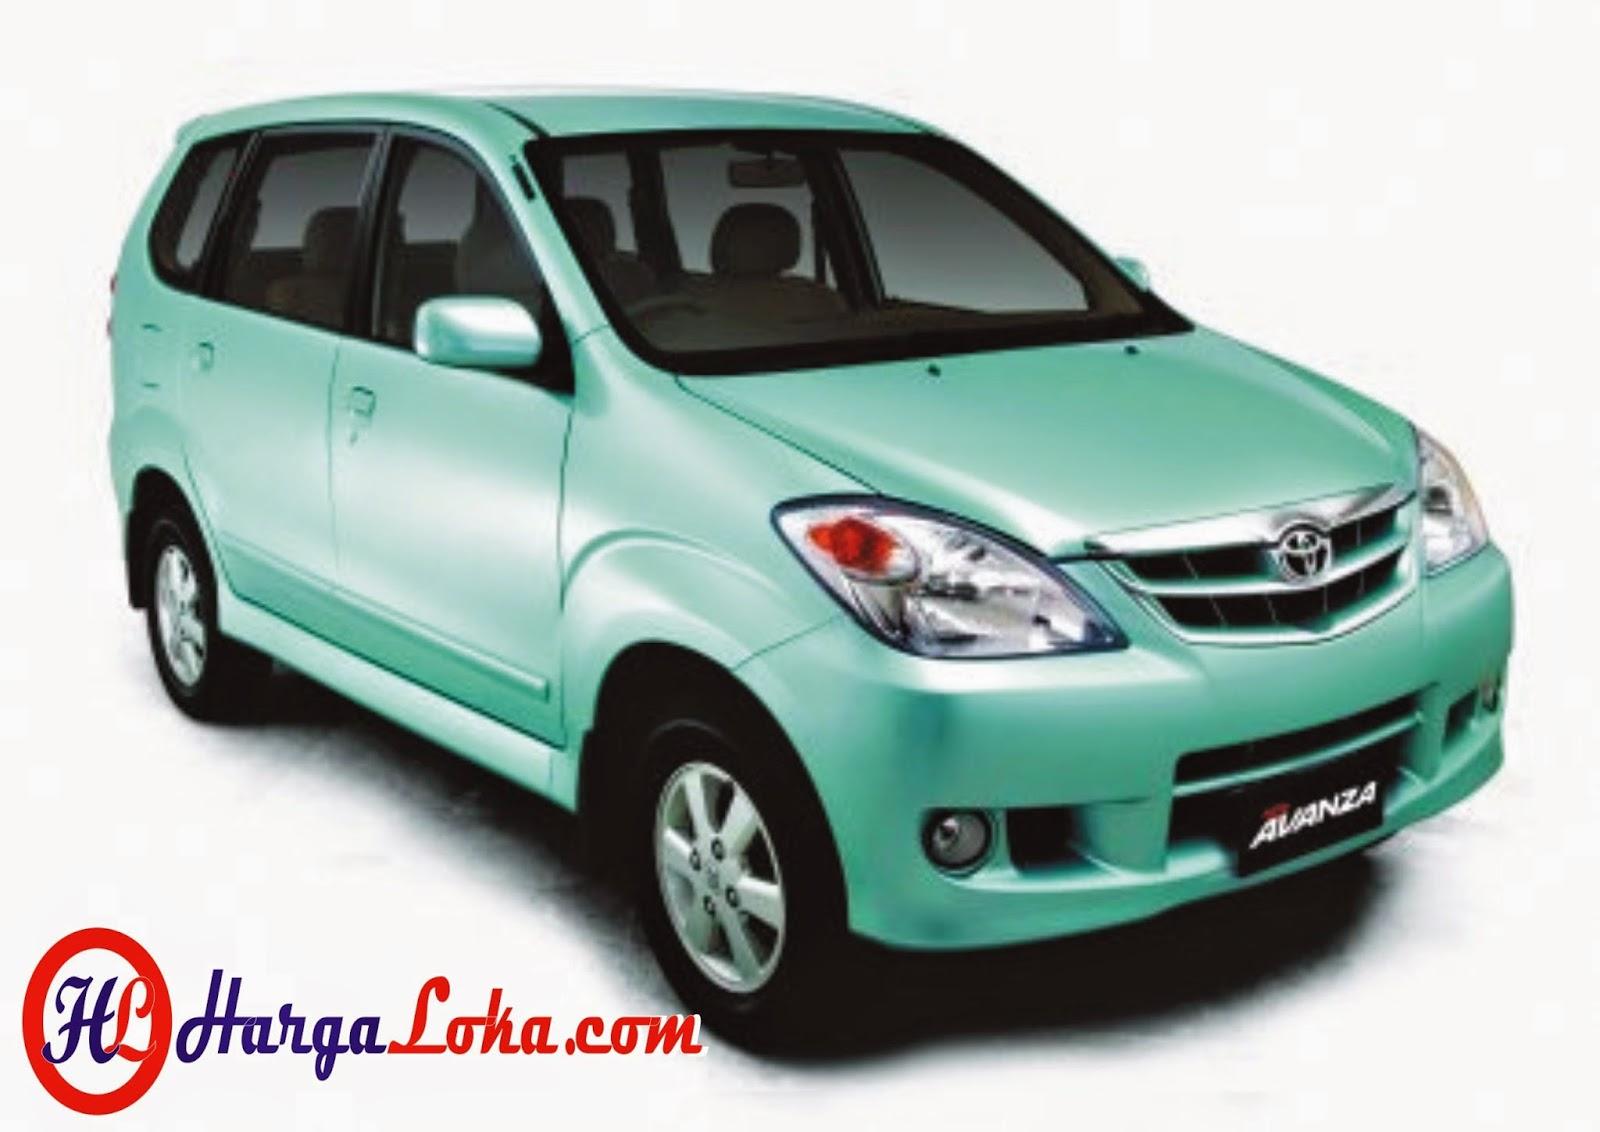 Harga Grand New Avanza Bekas All Camry 2017 Pantip Mobil Toyota Baru Dan 2015 Hargaloka